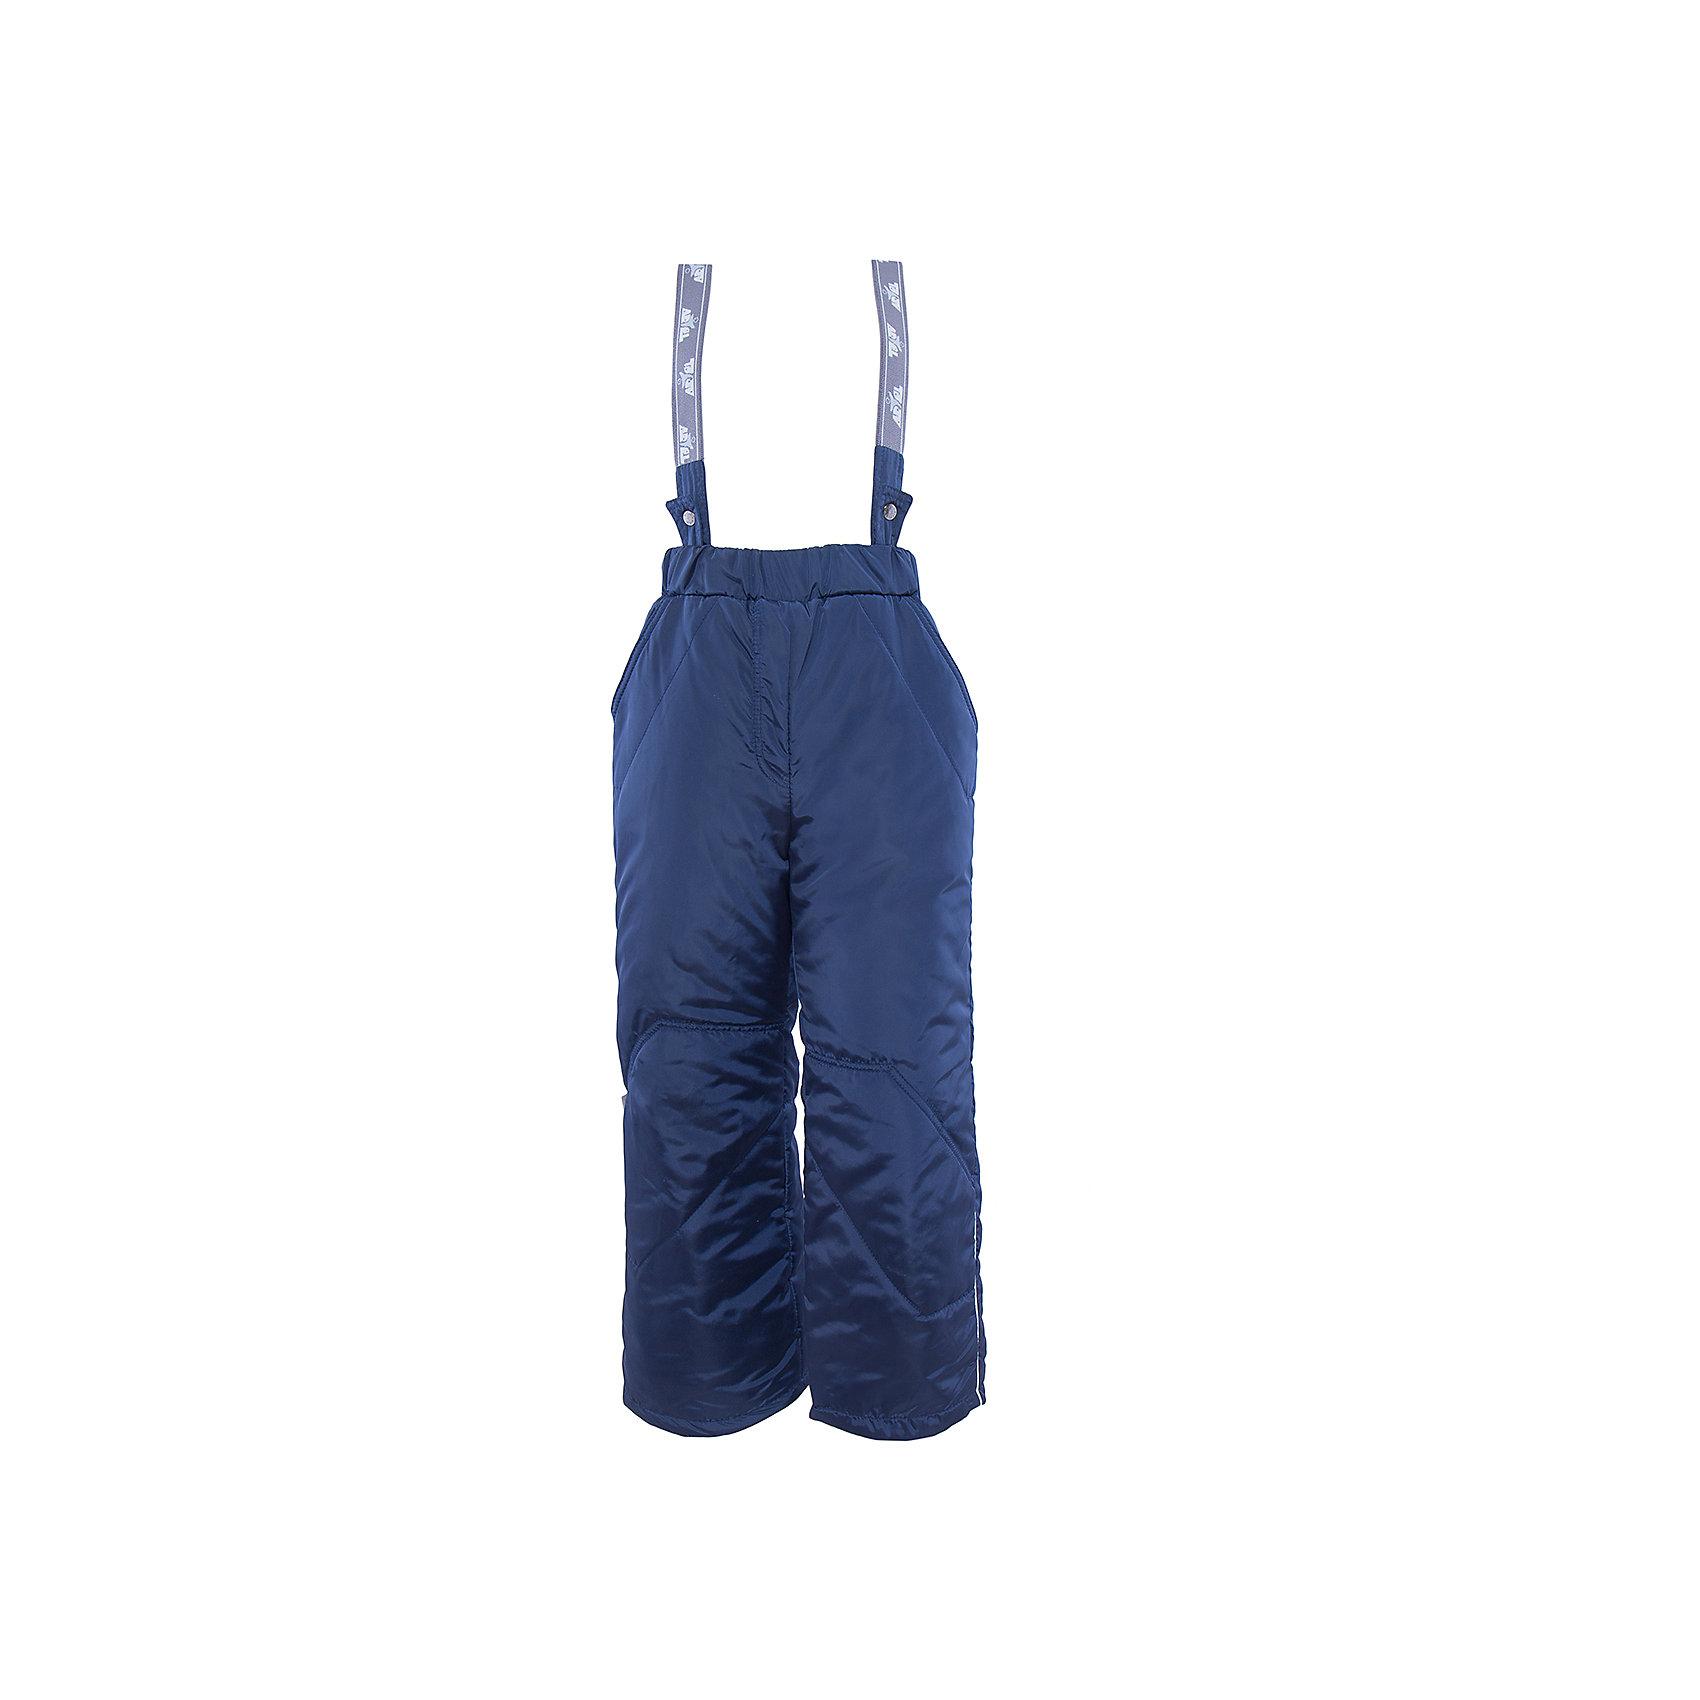 Брюки для мальчика АртельВерхняя одежда<br>Брюки для мальчика от известного бренда Артель<br>Утепленные брюки для мальчика со съемной спинкой. Эта модель универсальна, т.к. может использоваться как полукомбинезон и просто как брюки. Сзади спинка крепится на молнию<br>Состав:<br>Верх: PRINCE<br>Подкладка: тиси<br>Утеплитель: термофайбер 100гр<br><br>Ширина мм: 215<br>Глубина мм: 88<br>Высота мм: 191<br>Вес г: 336<br>Цвет: синий<br>Возраст от месяцев: 96<br>Возраст до месяцев: 108<br>Пол: Мужской<br>Возраст: Детский<br>Размер: 134,128,140,146,152,158,164,122<br>SKU: 4963865